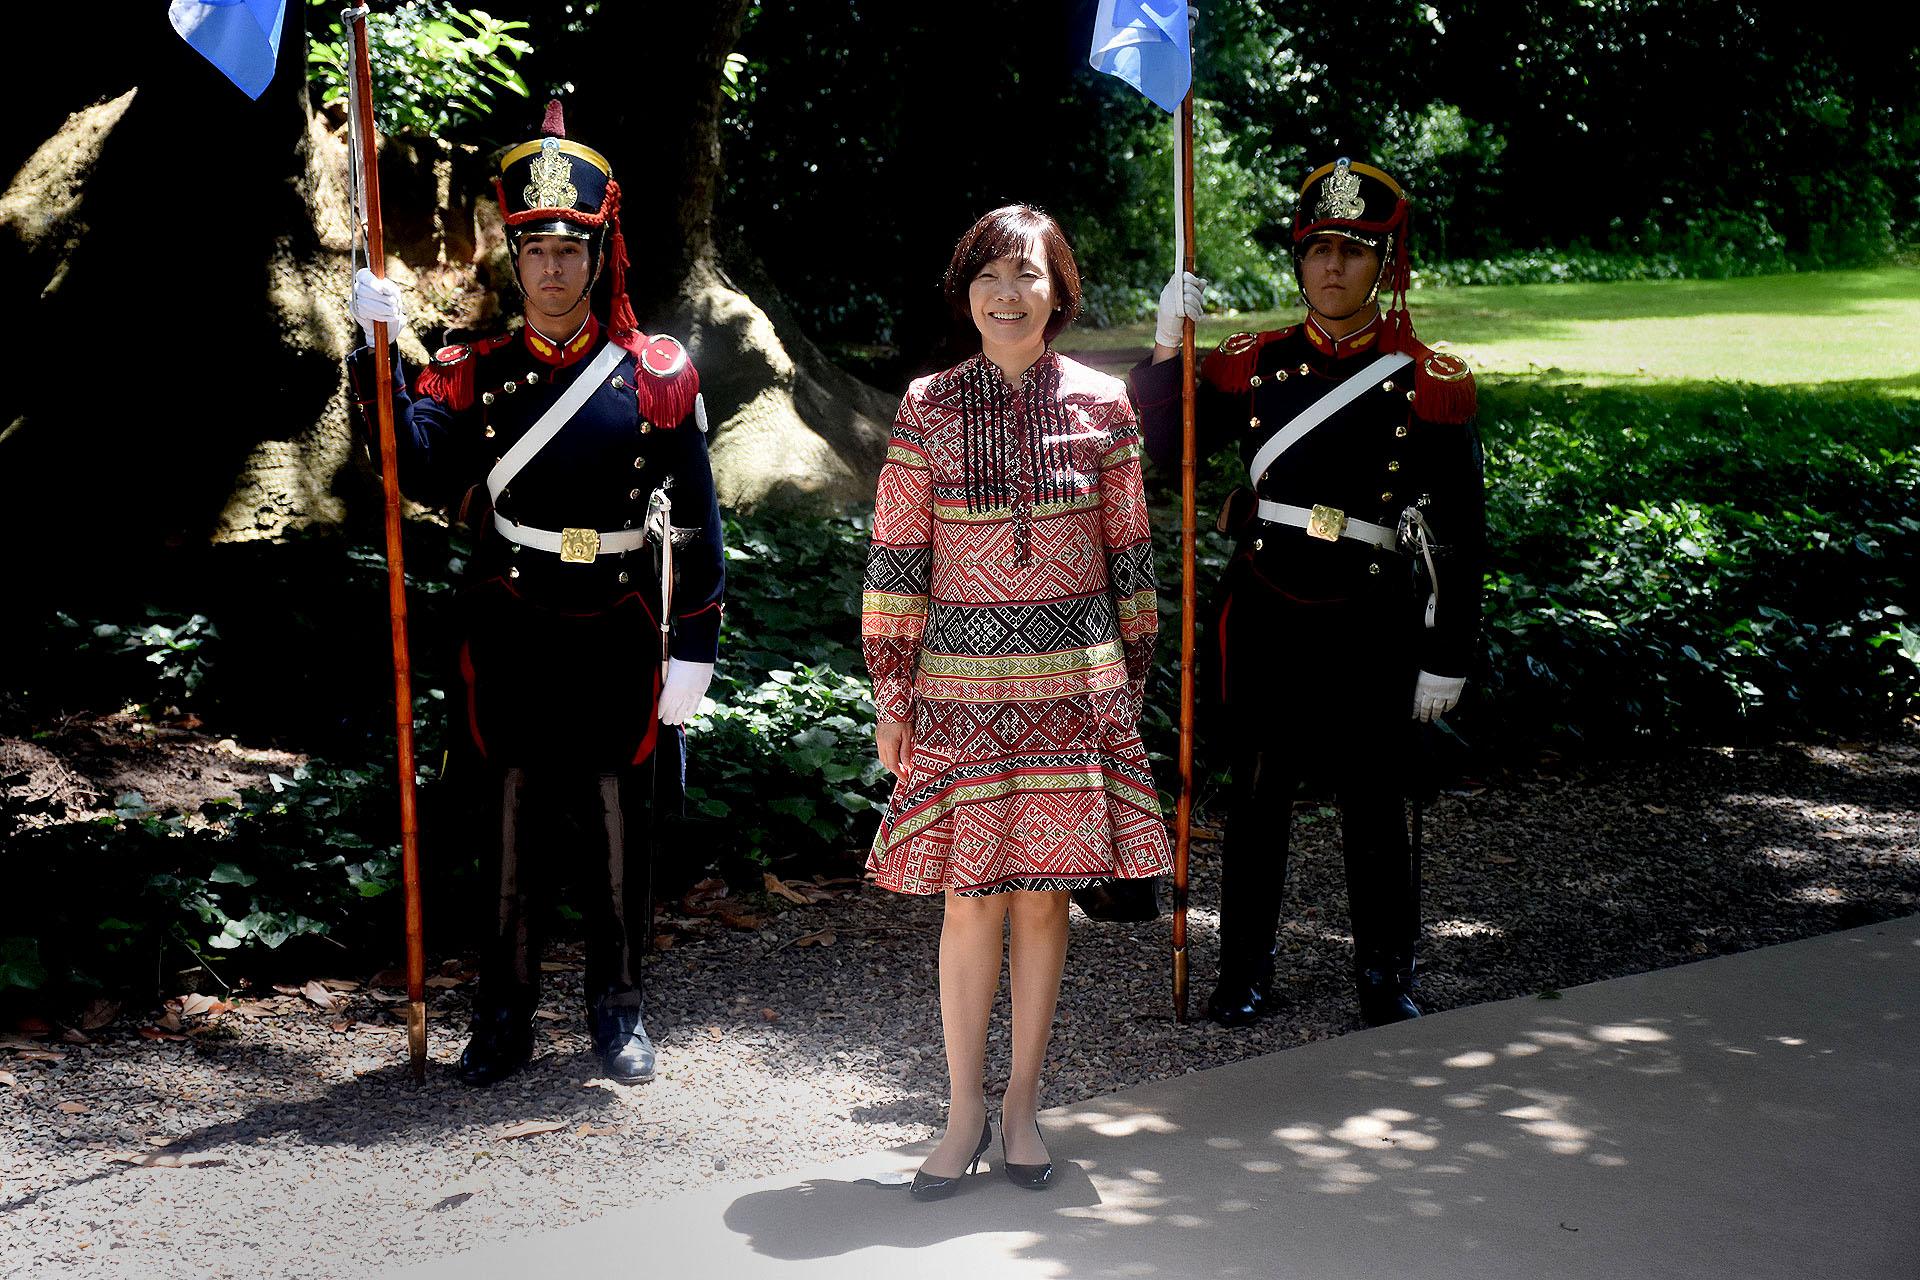 Akie ABE, la primera dama de Japón lució un vestido a la rodilla con estampados geométricos, mangas largas y cuello mao. Completó el look con stilettos en punta de taco chupete